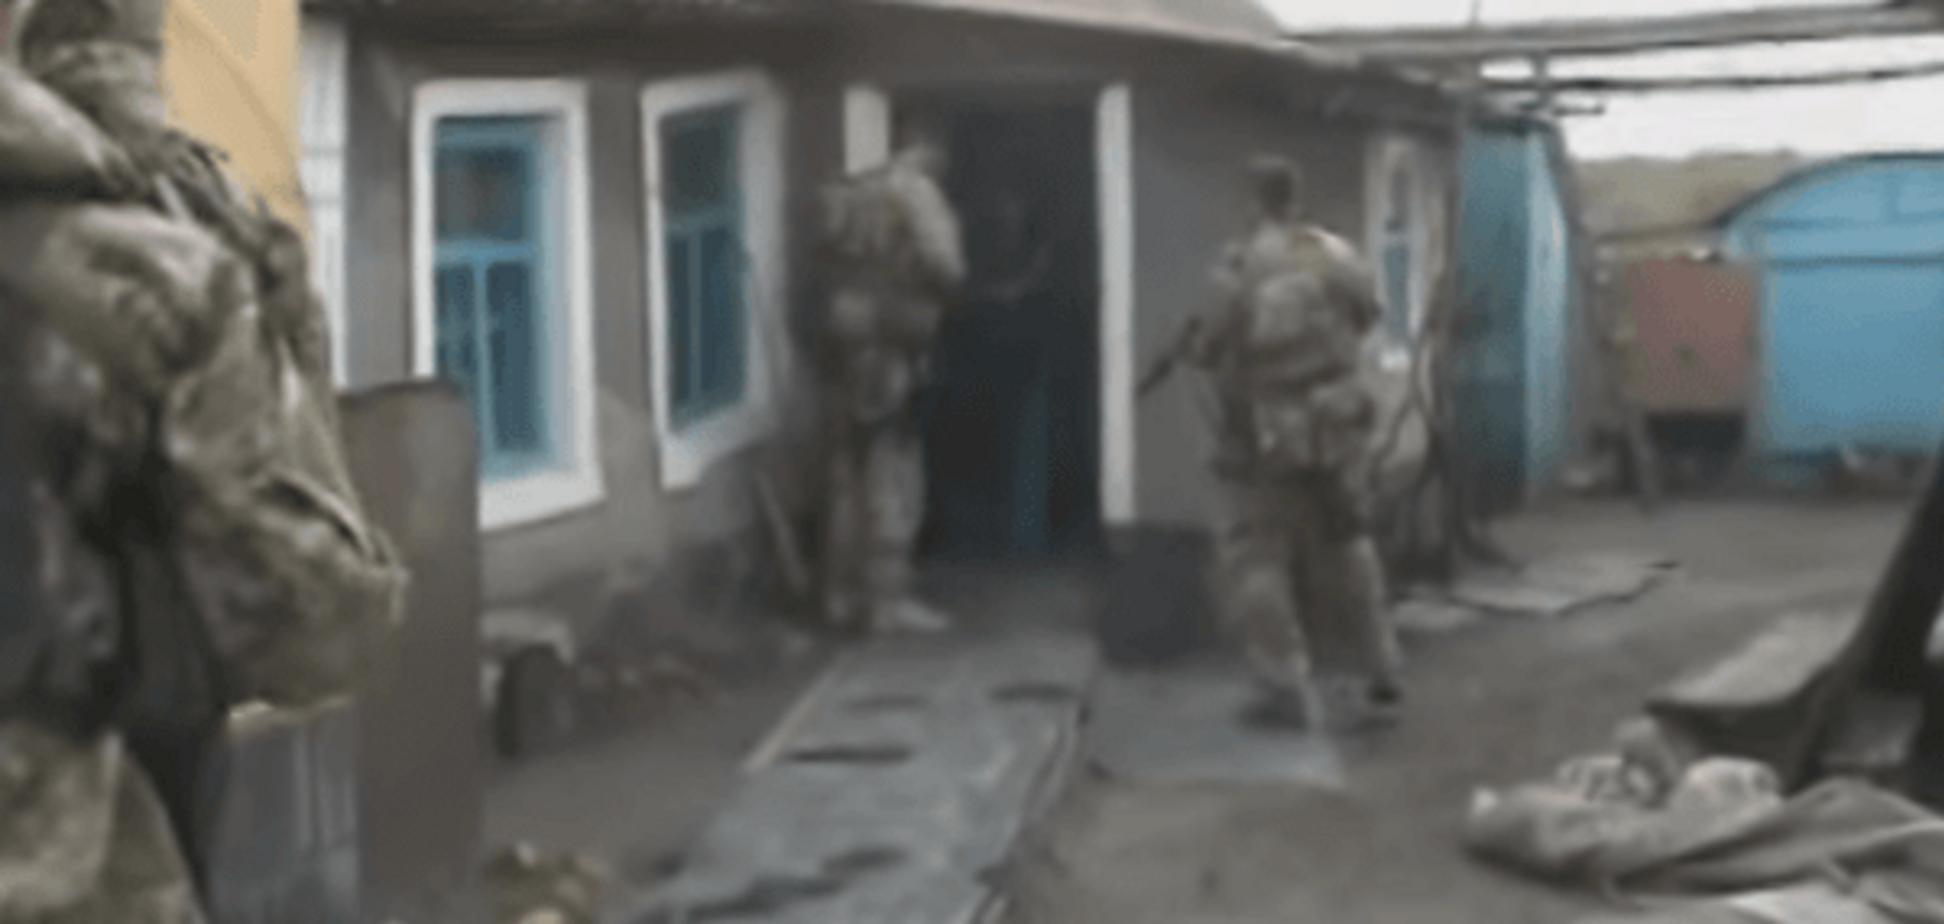 Продалася за сотку: зрадниця зливала терористам інформацію про воїнів АТО